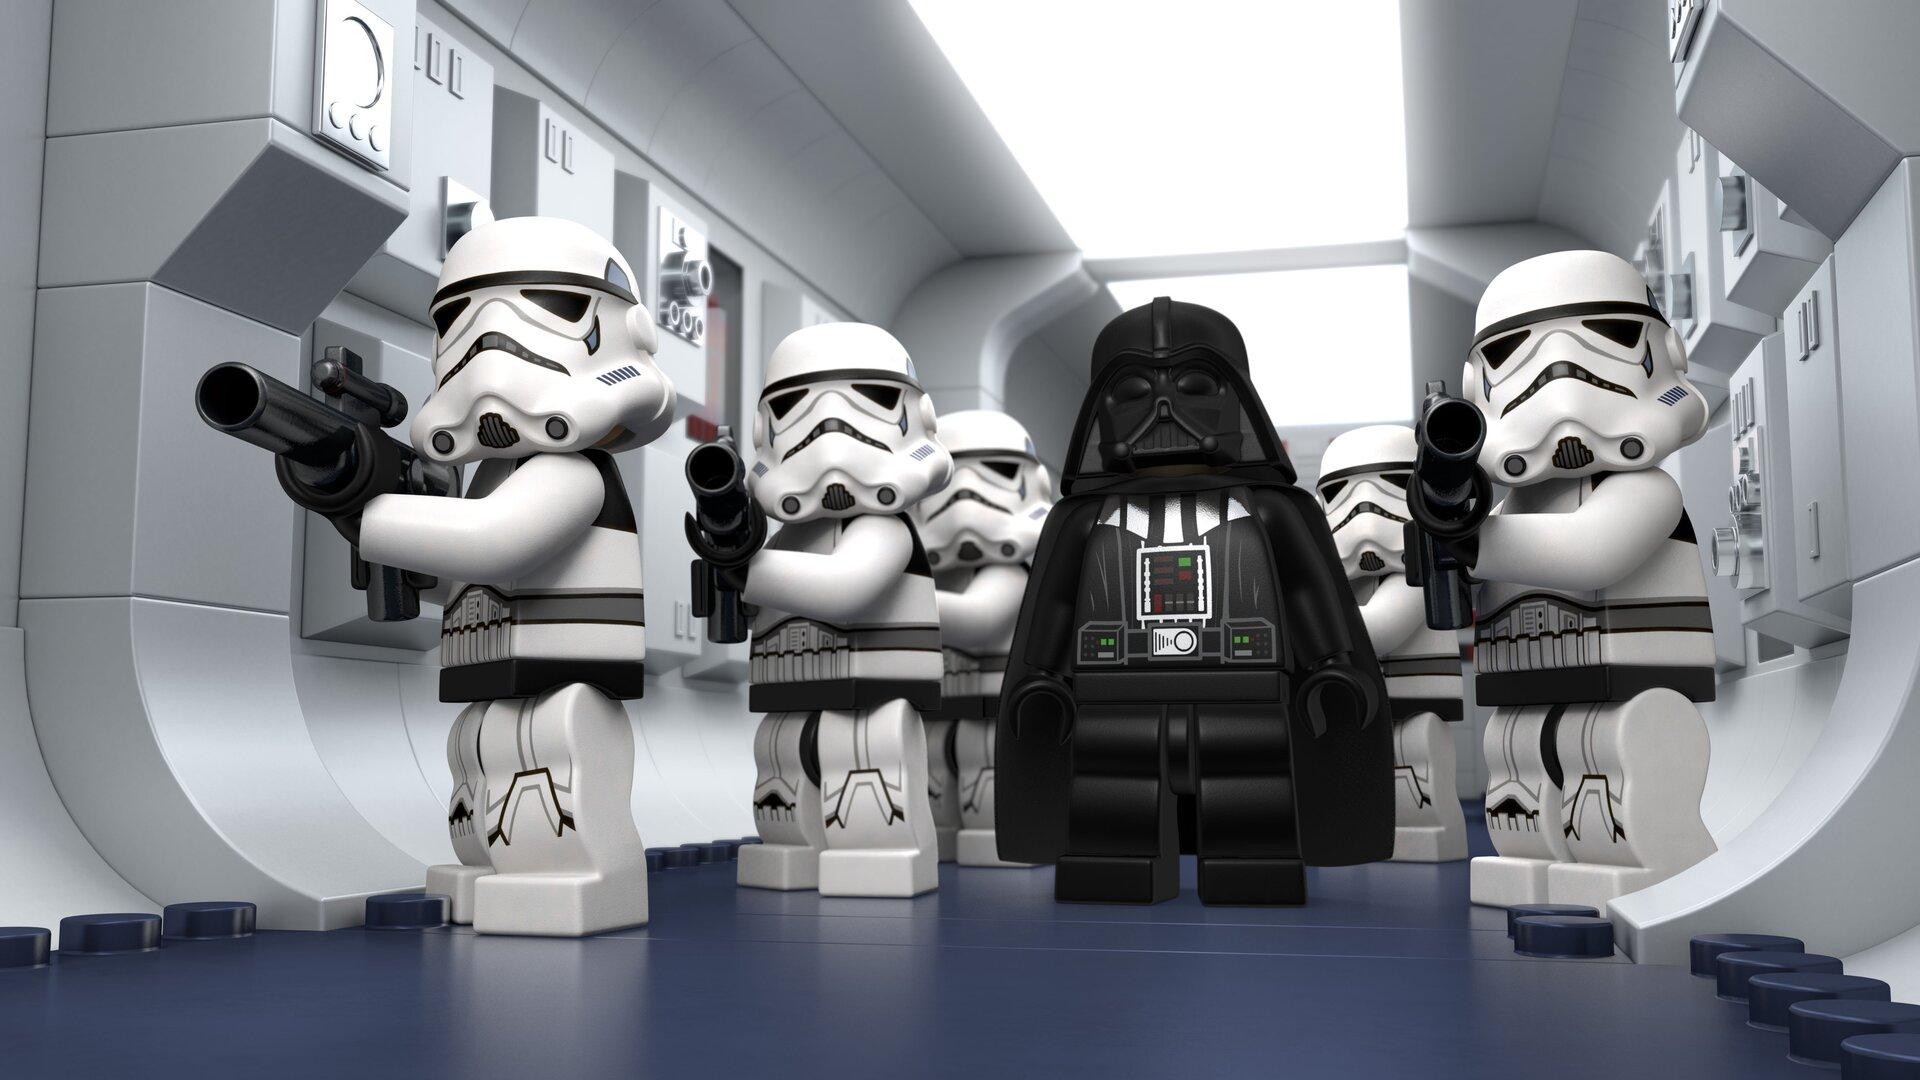 1920x1080 Lego Star Wars Droid Tales Stormtrooper Laptop Full Hd